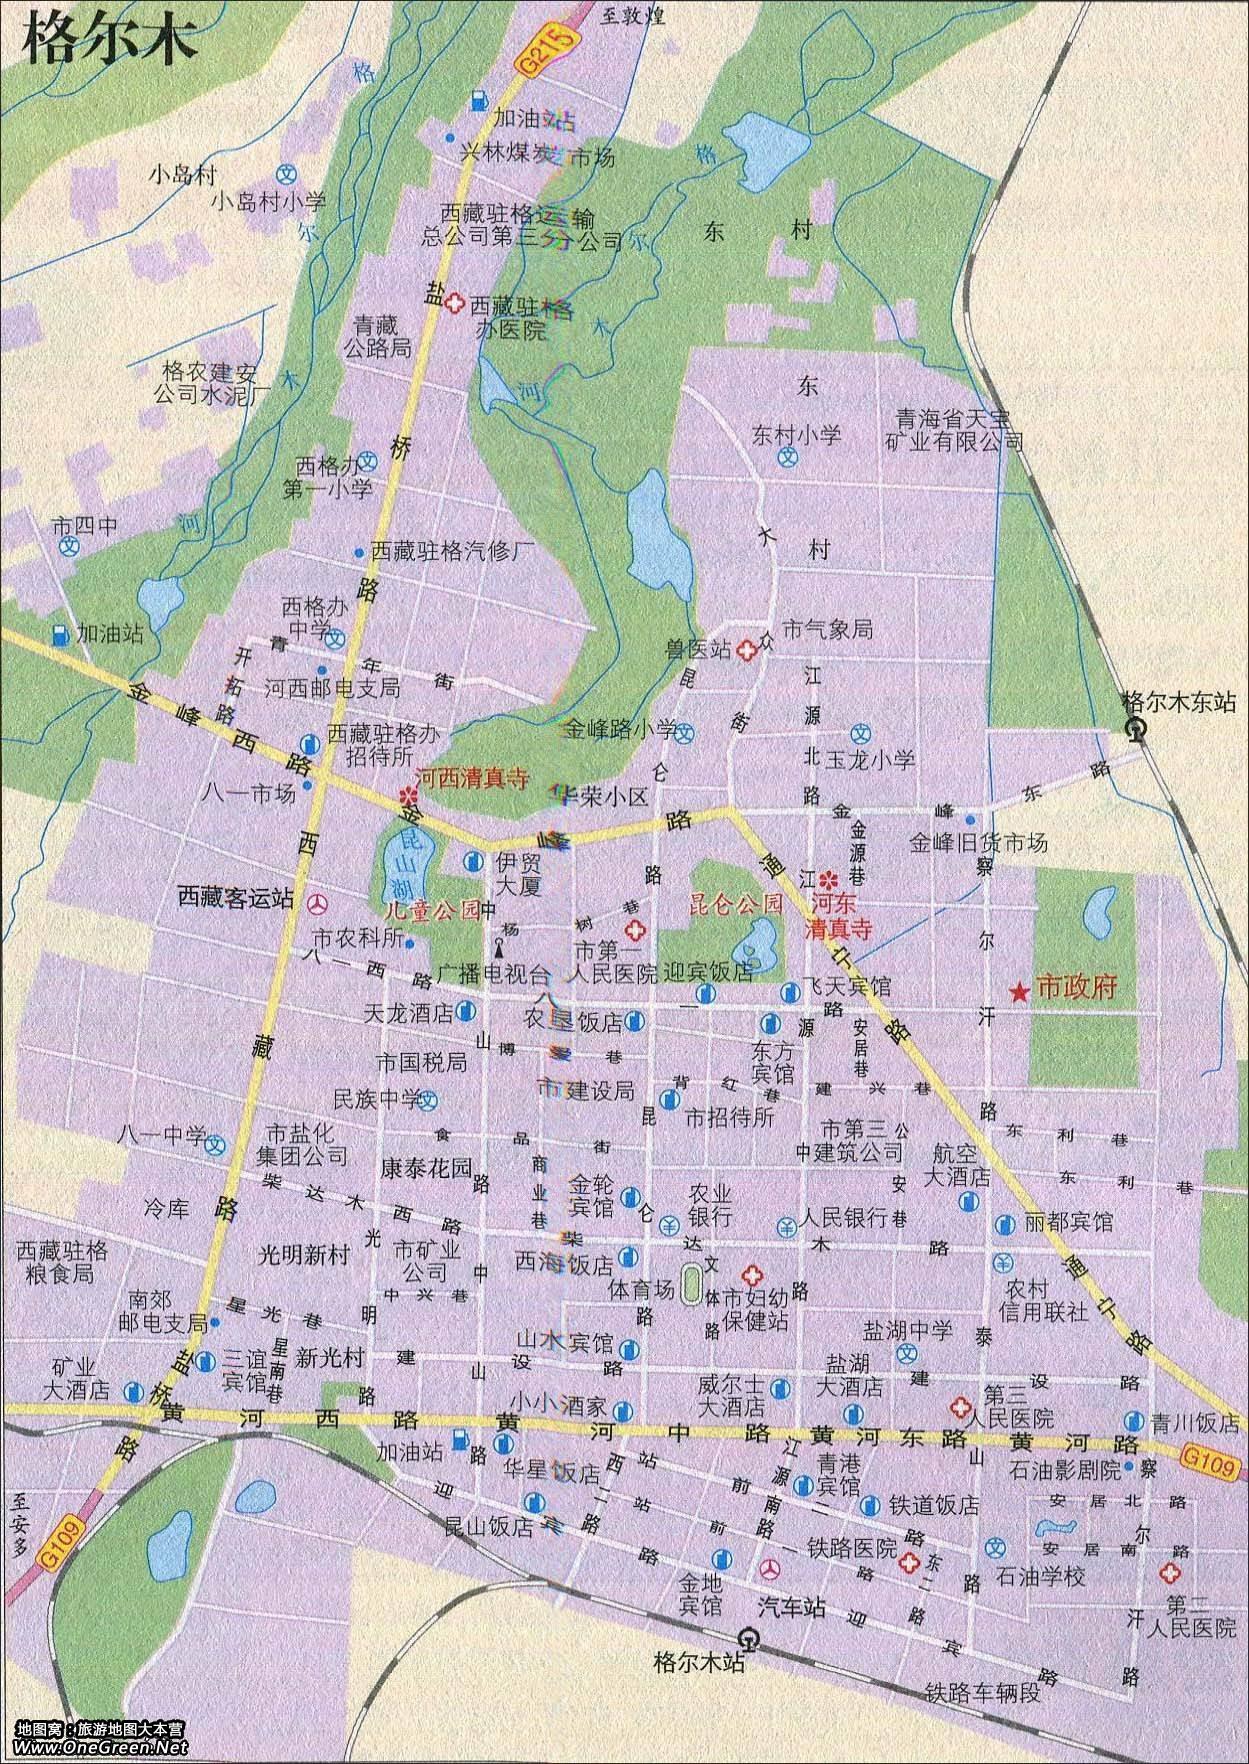 青海格尔木地图_青海格尔木景点导游图_地图窝